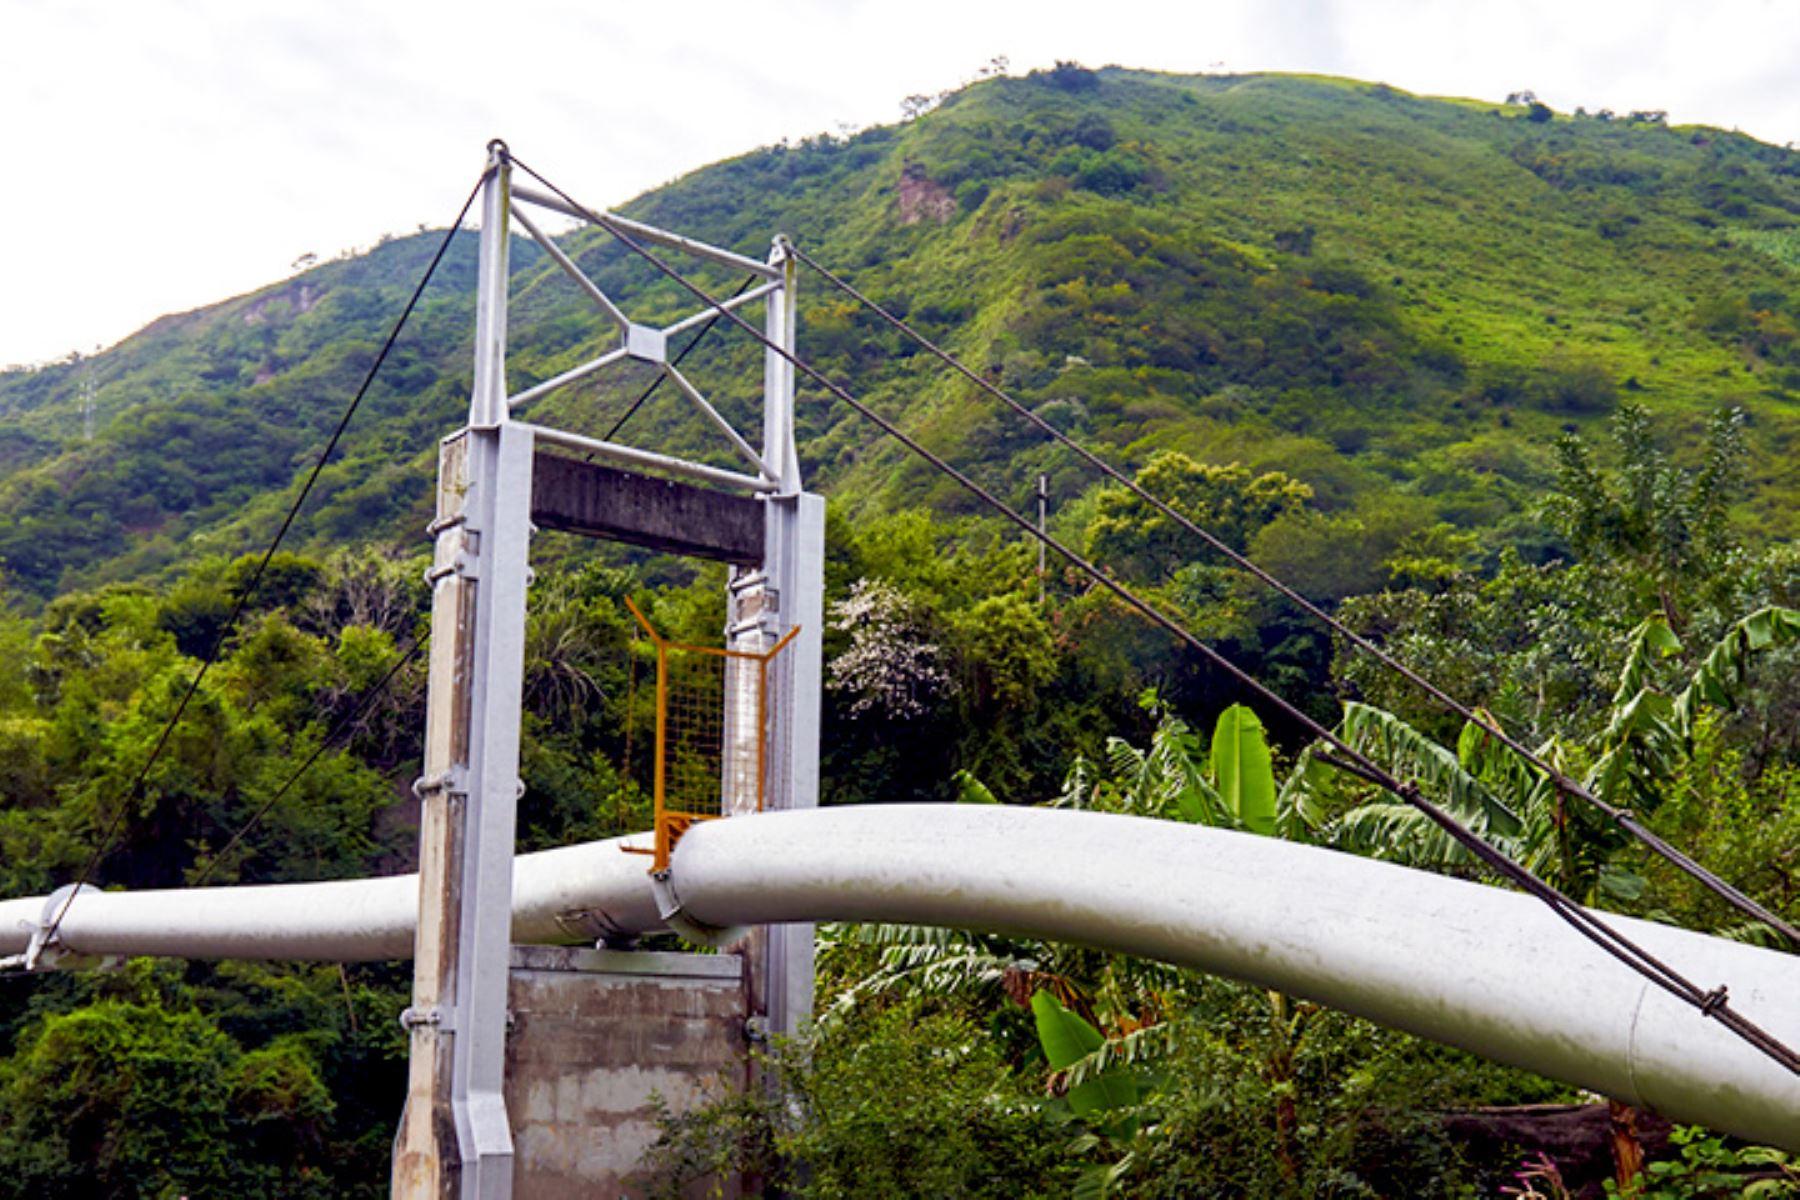 Se evalúa si existe falla en el Ramal Norte del Oleoducto Nor Peruano que originaría las manchas oleosas en el río Pastaza, en Loreto.